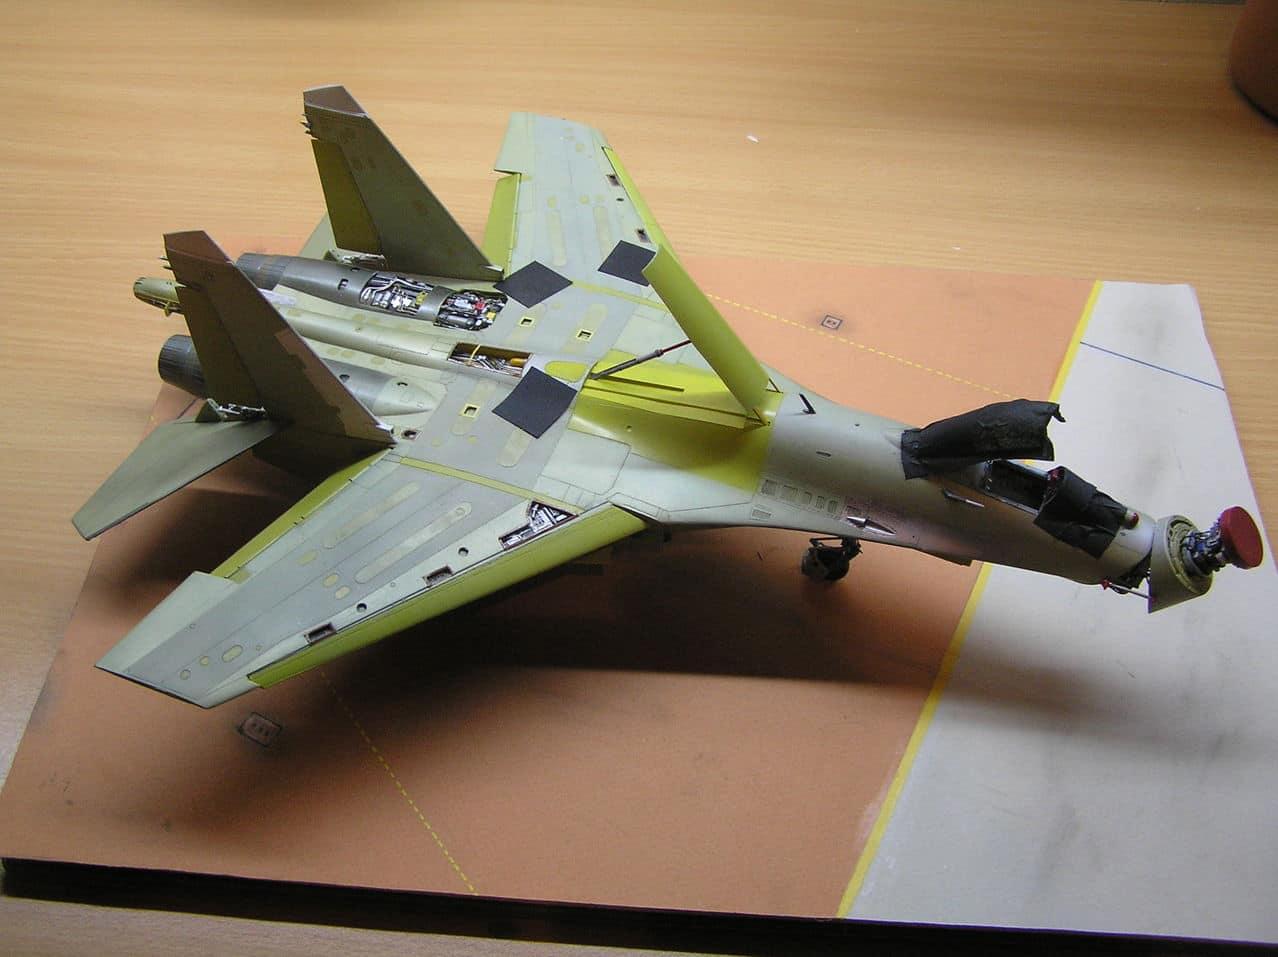 ...καπως ετσι αρχισαν ολα...Su-27  και τα μυαλα στα καγκελα... - Σελίδα 5 P1010205_2